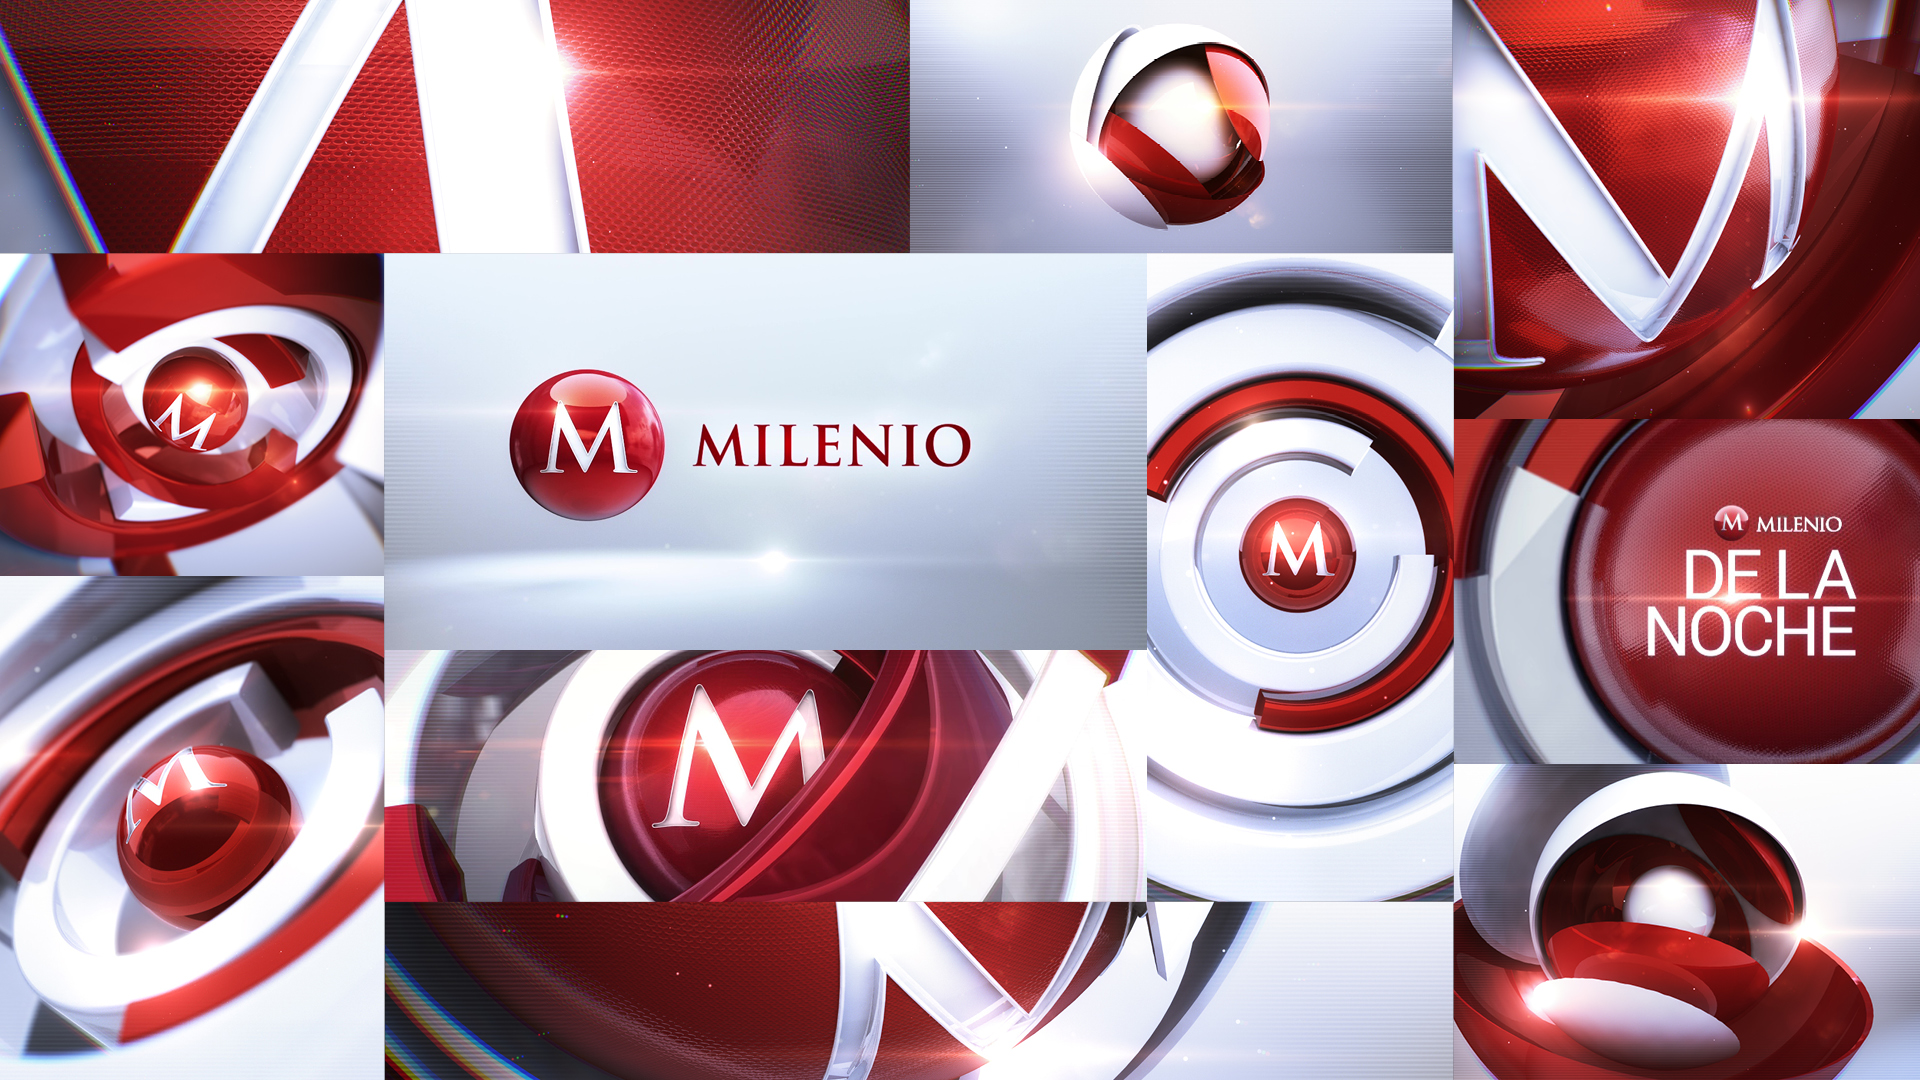 Milenio_Design_COLLAGE02.jpg